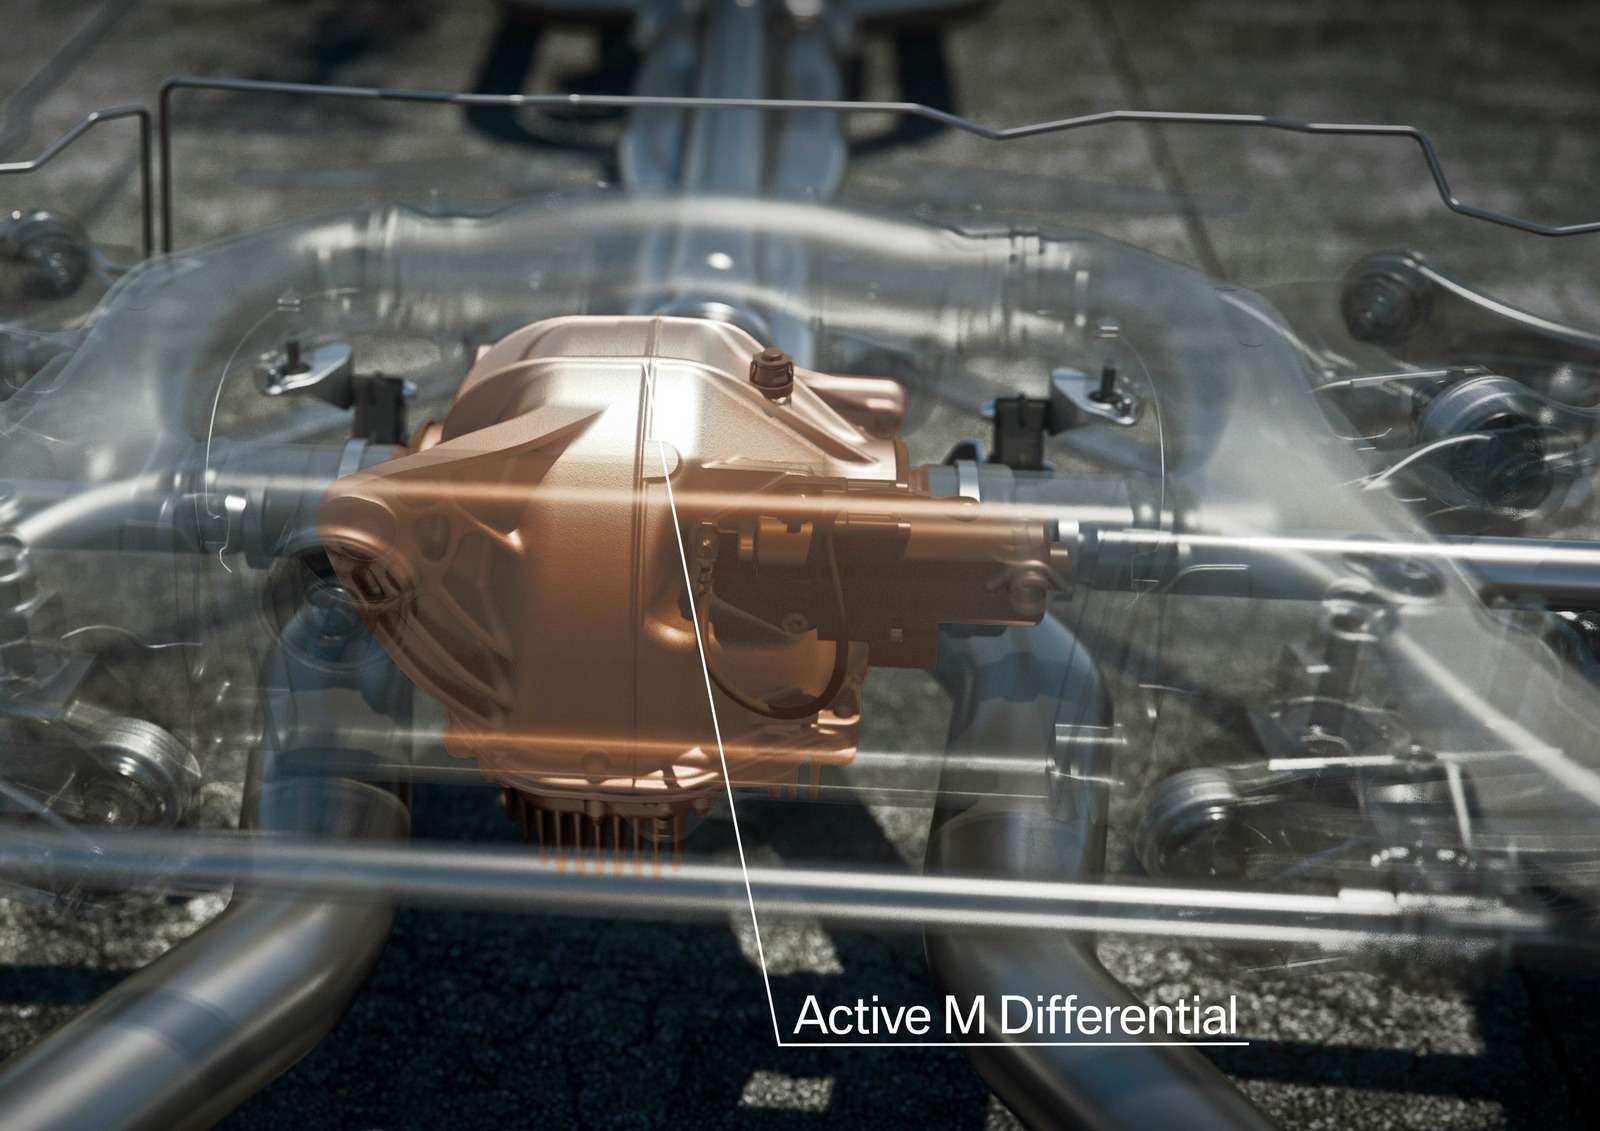 Отключаемый полный привод: вBMW рассказали оновом спортседане M5— фото 752691